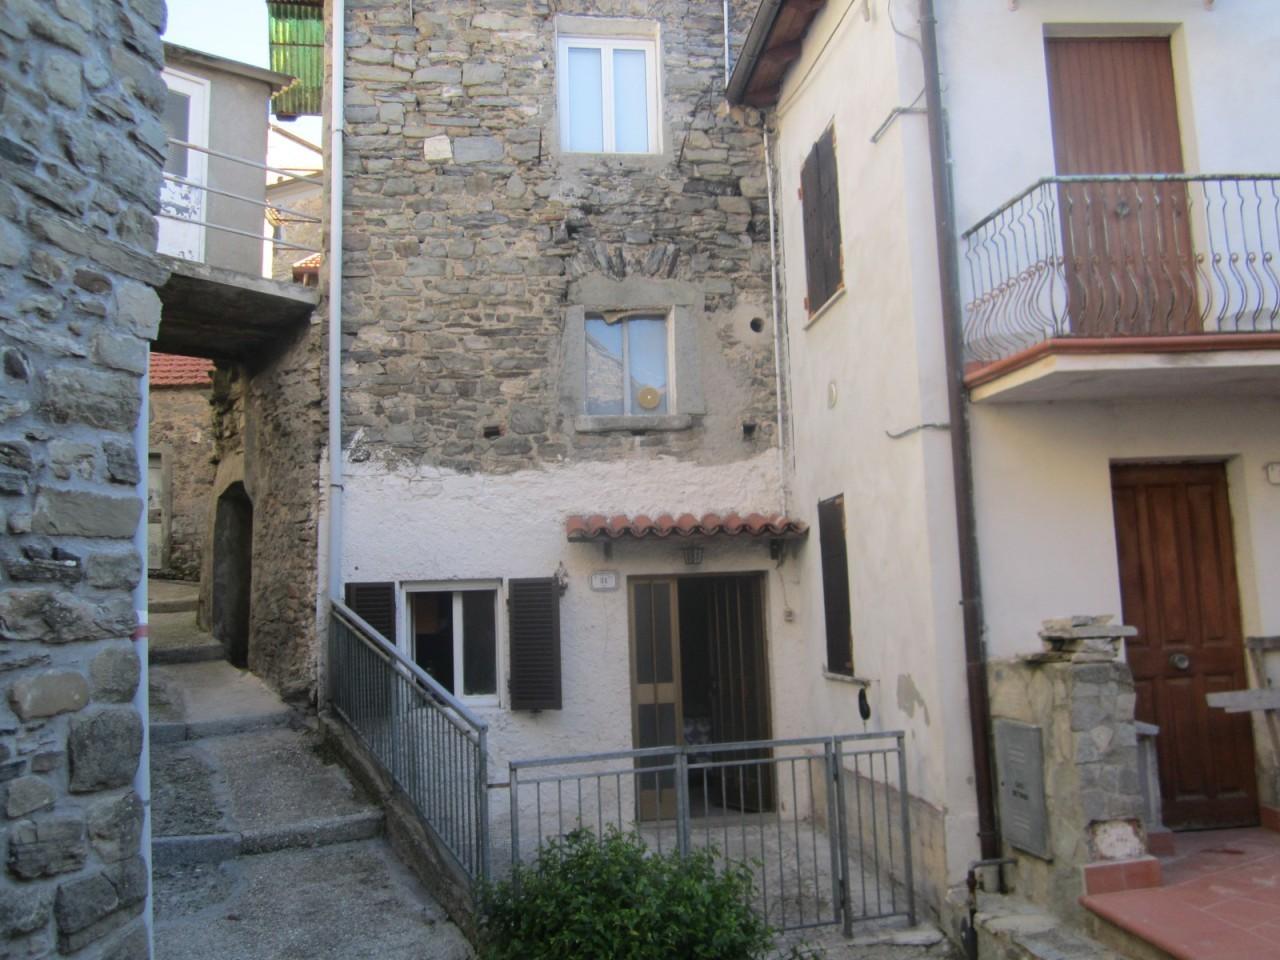 Appartamento in vendita a Tresana, 4 locali, prezzo € 45.000 | PortaleAgenzieImmobiliari.it